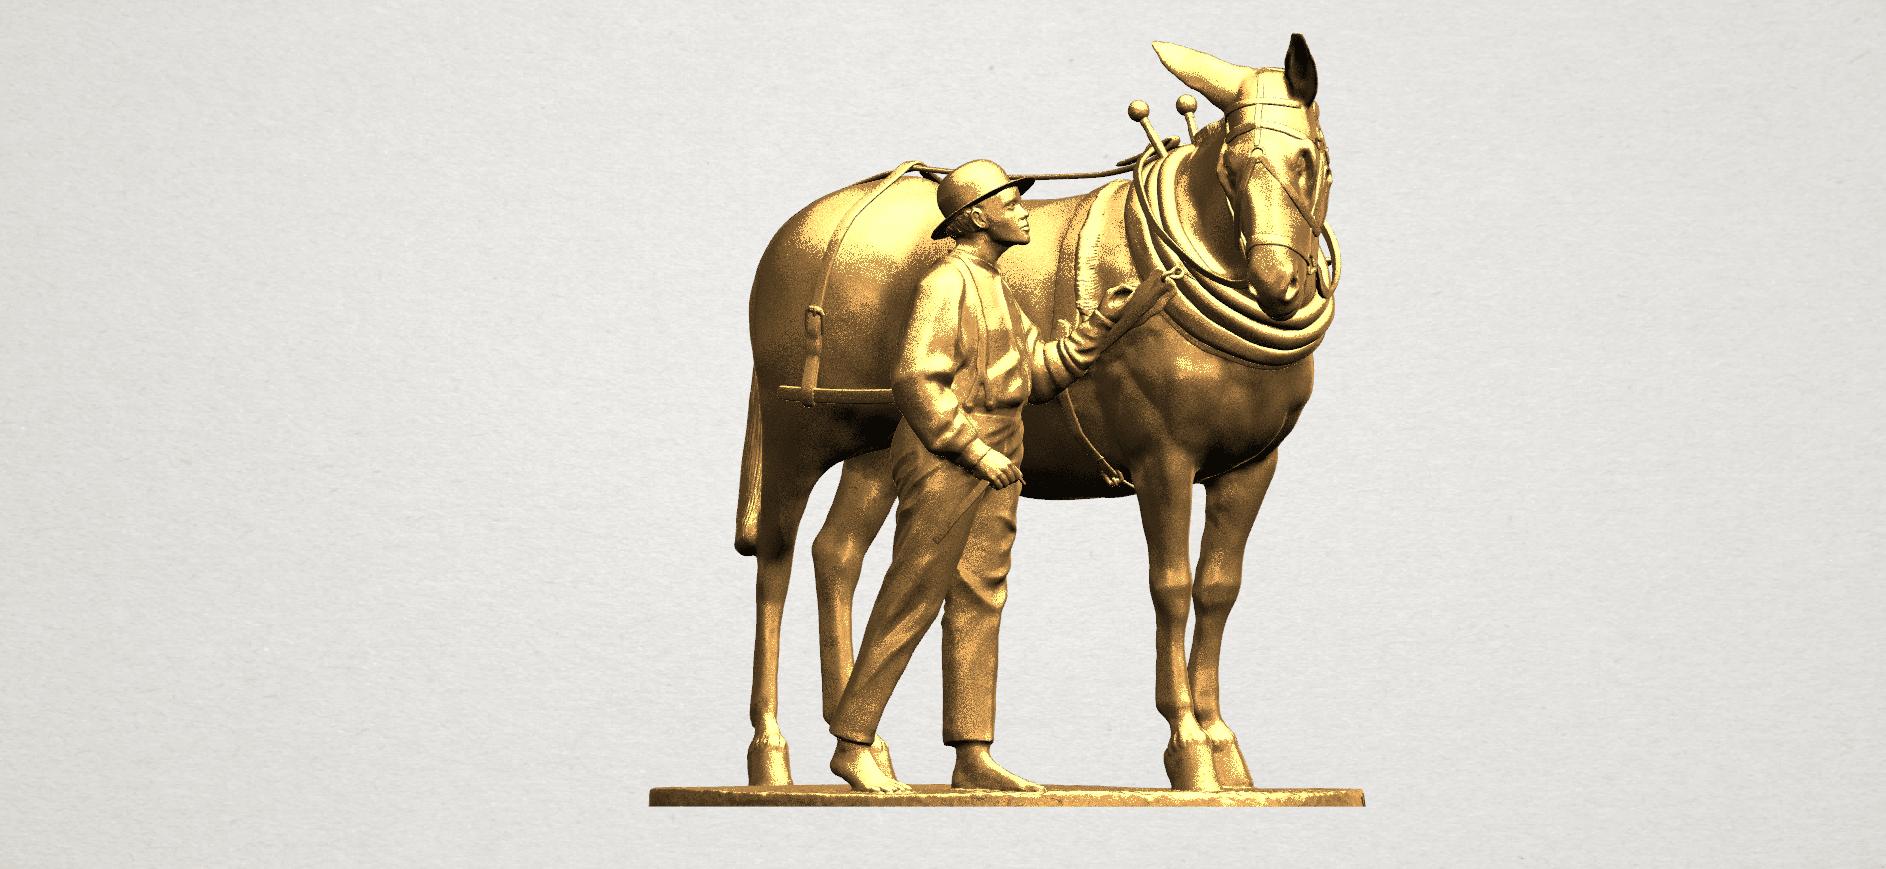 Horse with Man (i) - A09.png Télécharger fichier STL gratuit Cheval avec Man 01 • Objet à imprimer en 3D, GeorgesNikkei